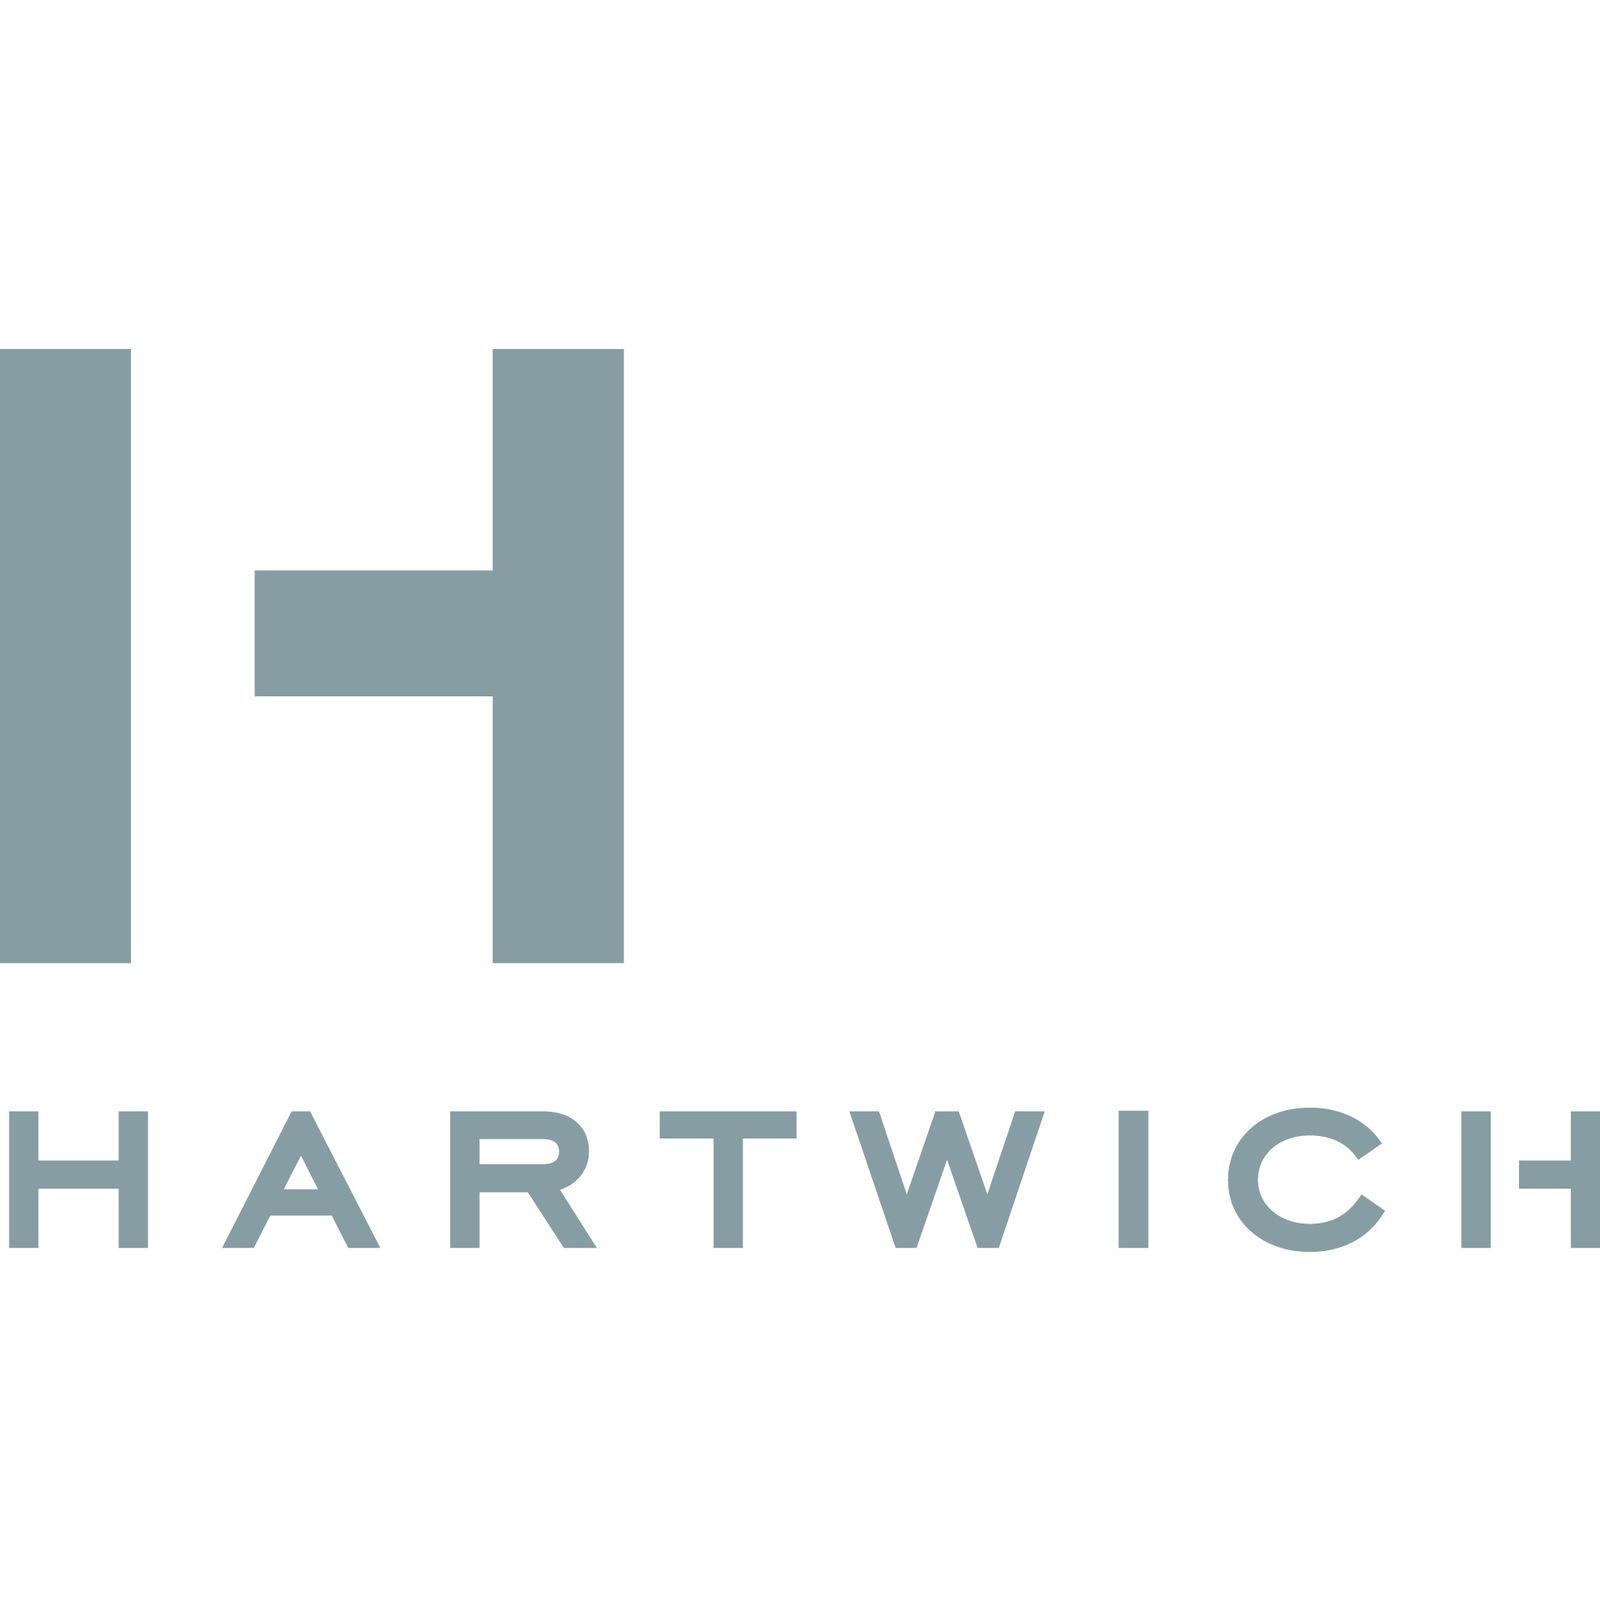 HARTWICH (Bild 1)